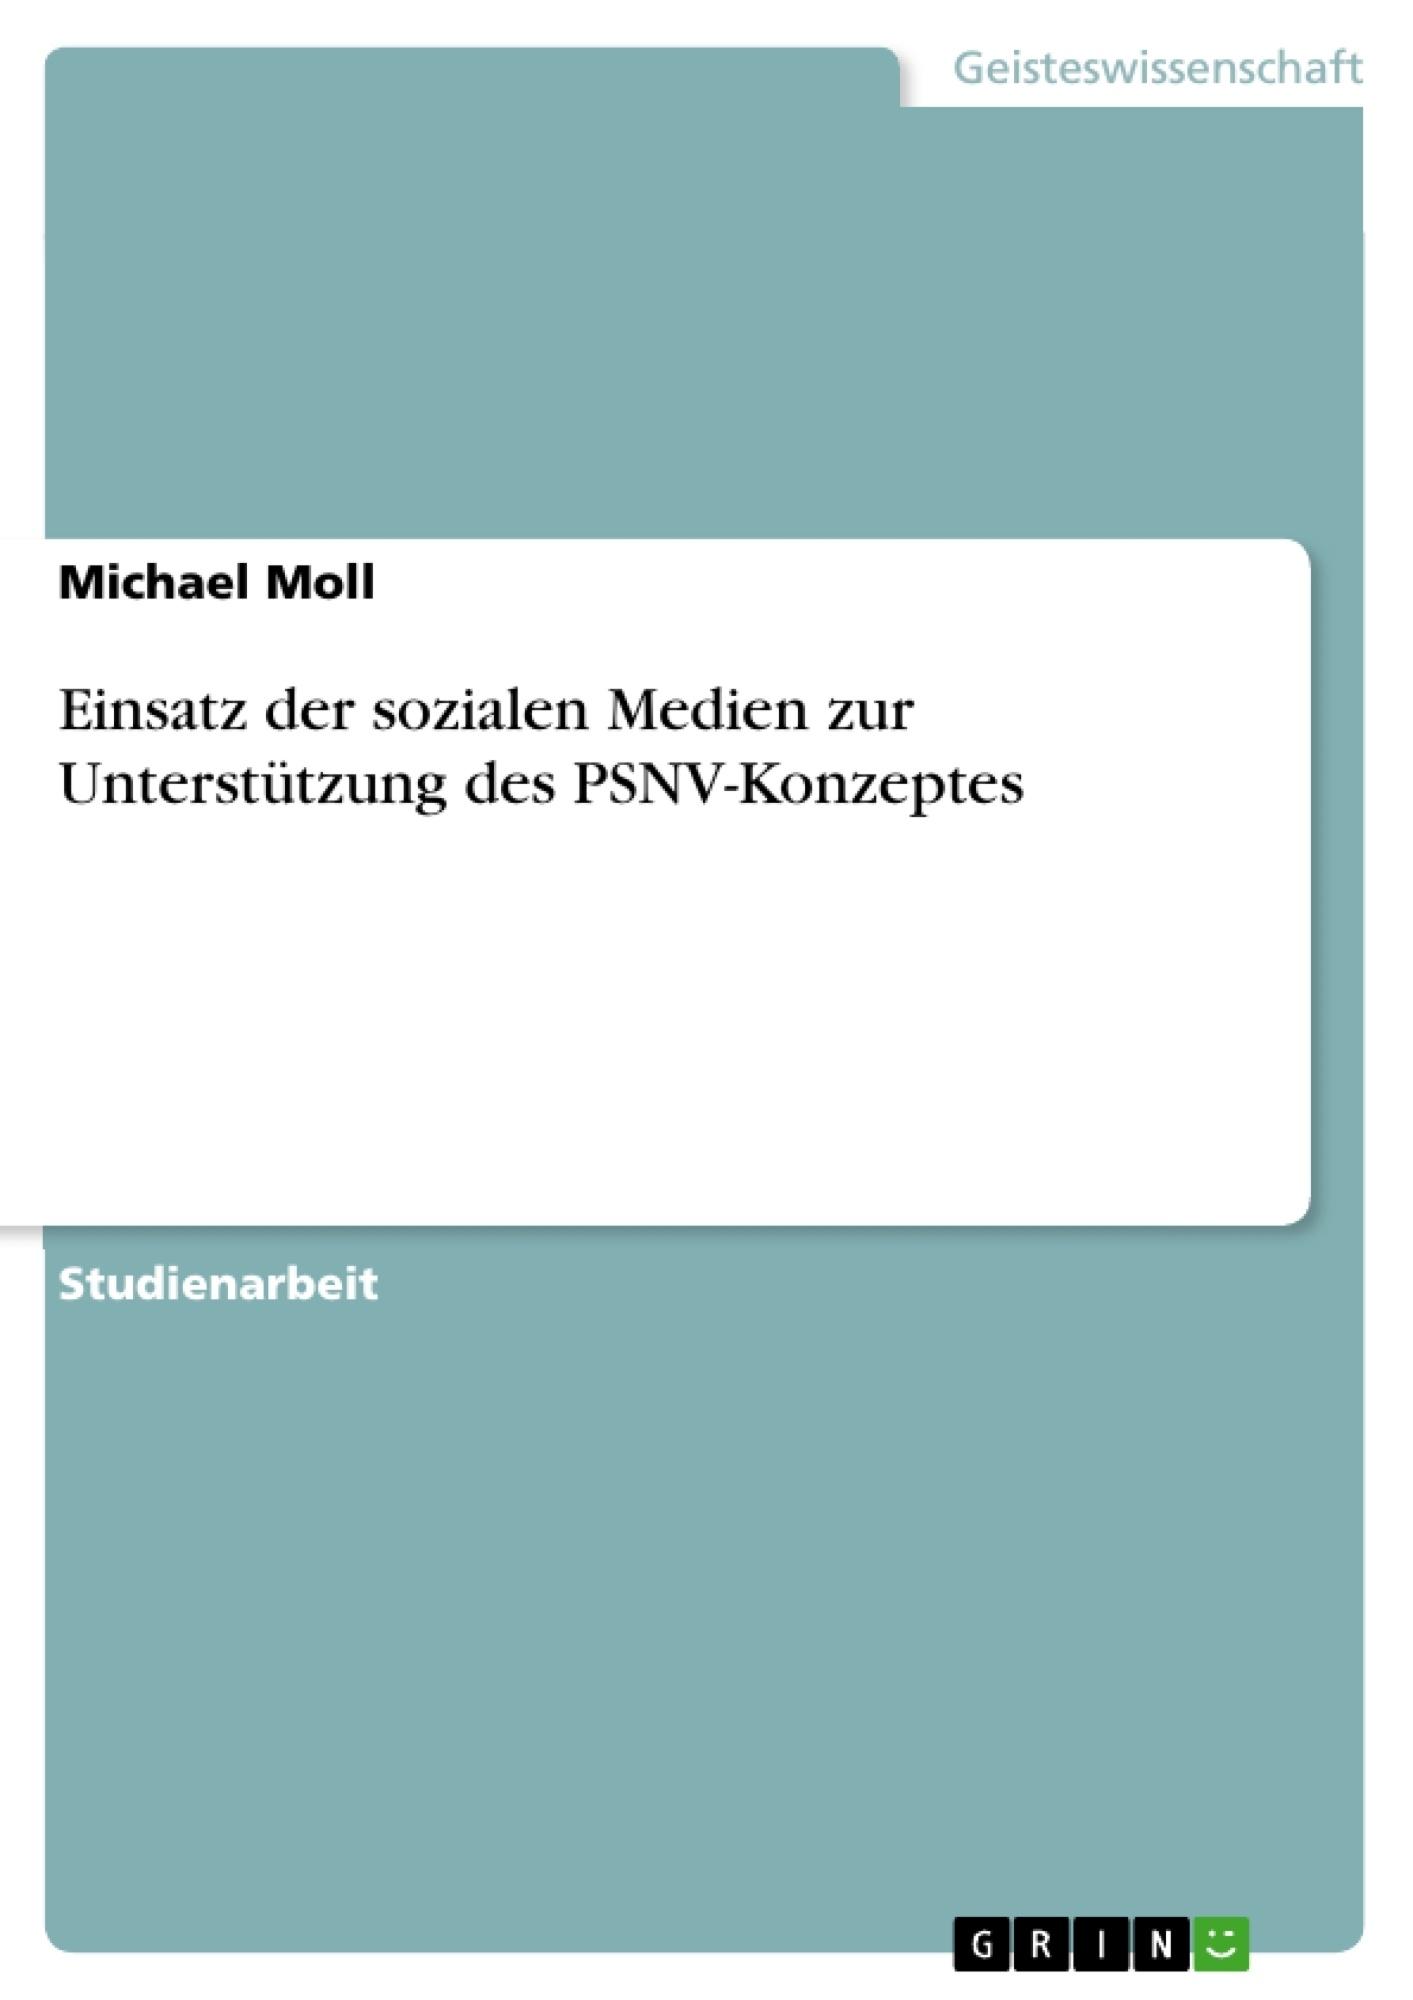 Titel: Einsatz der sozialen Medien zur Unterstützung des PSNV-Konzeptes